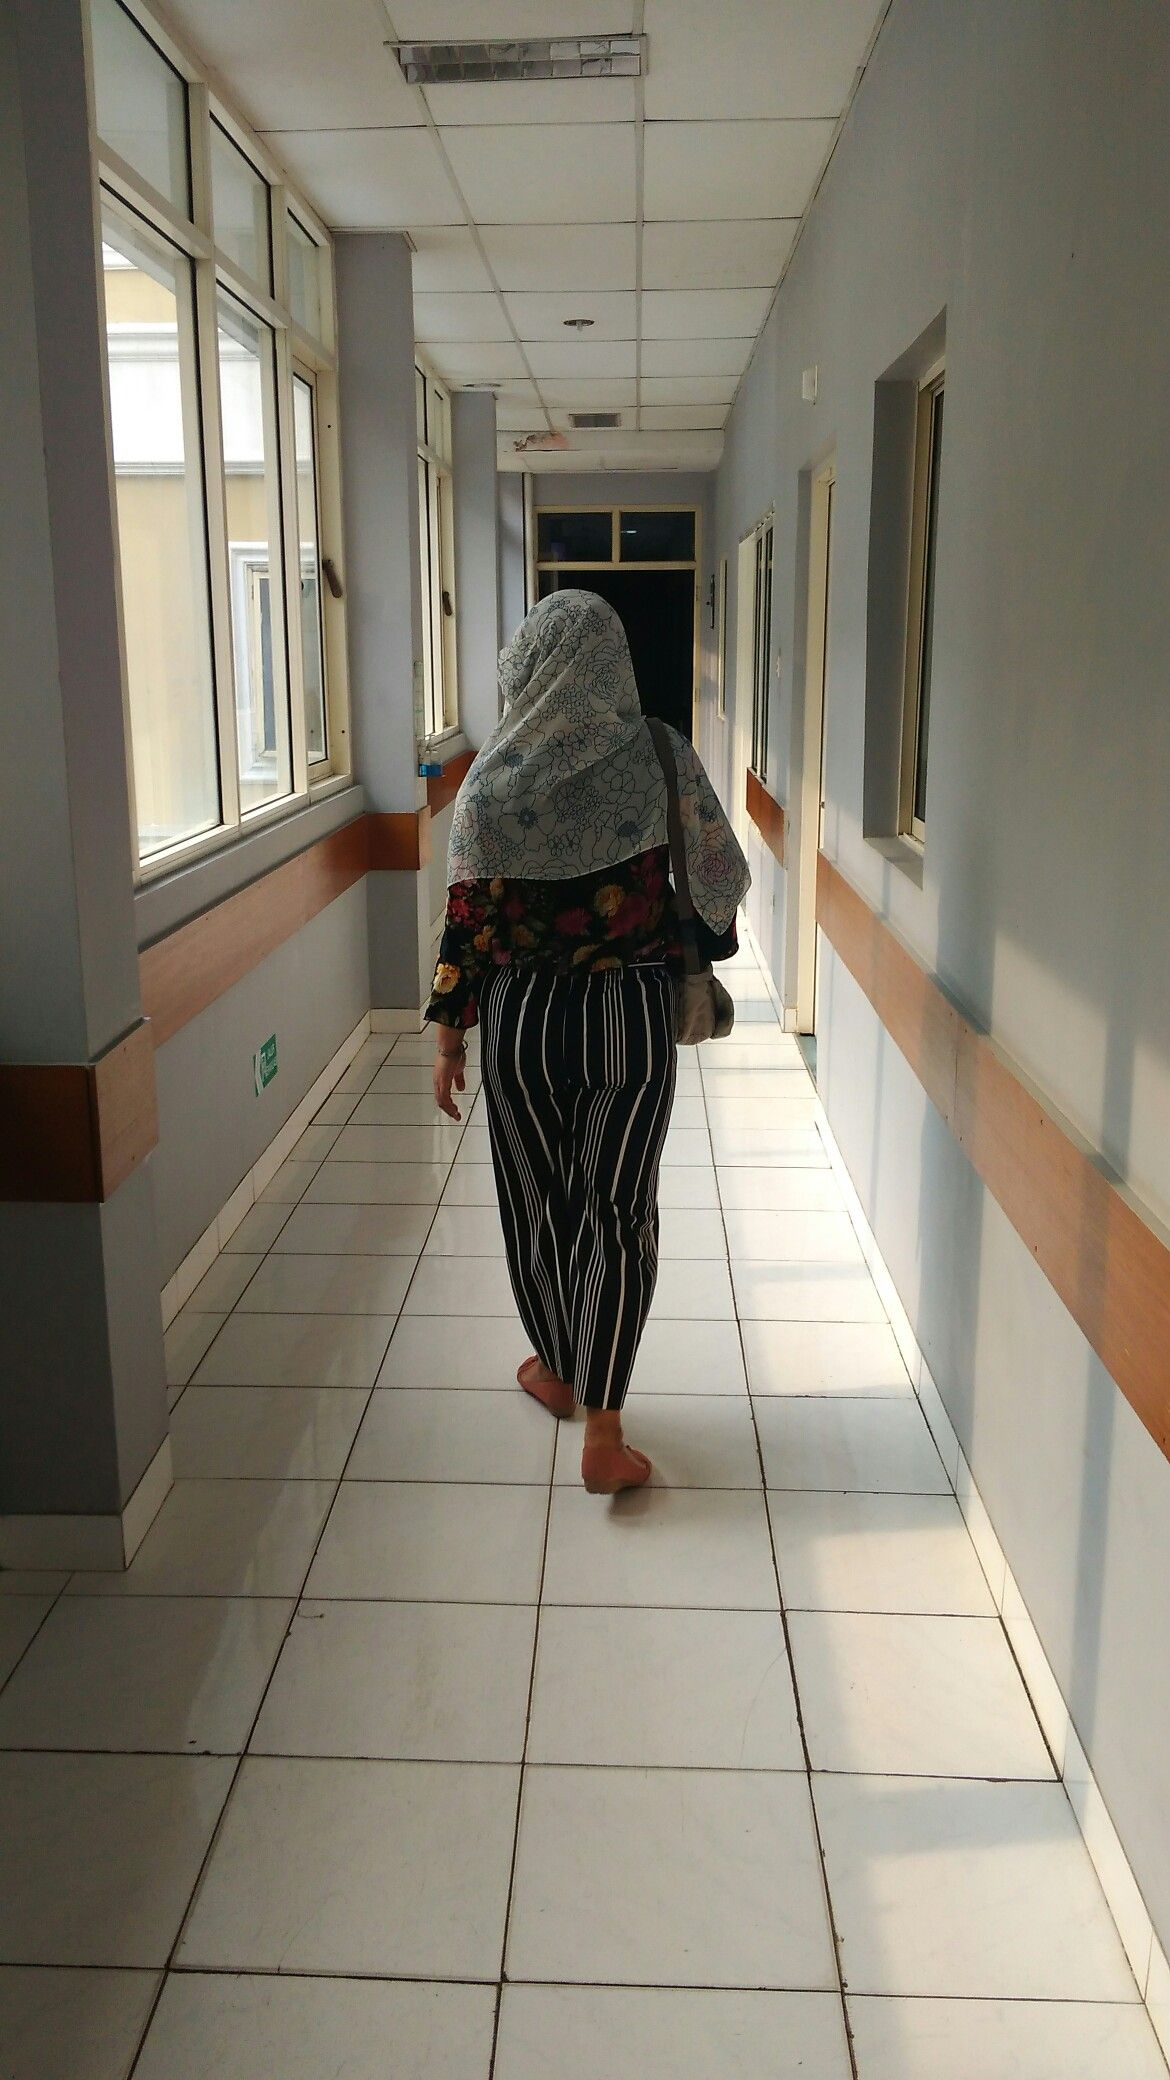 Lorong Rumah Sakit Jahirah Gg Belimbing Jaksel Fotografi Fotografi Potret Gambar